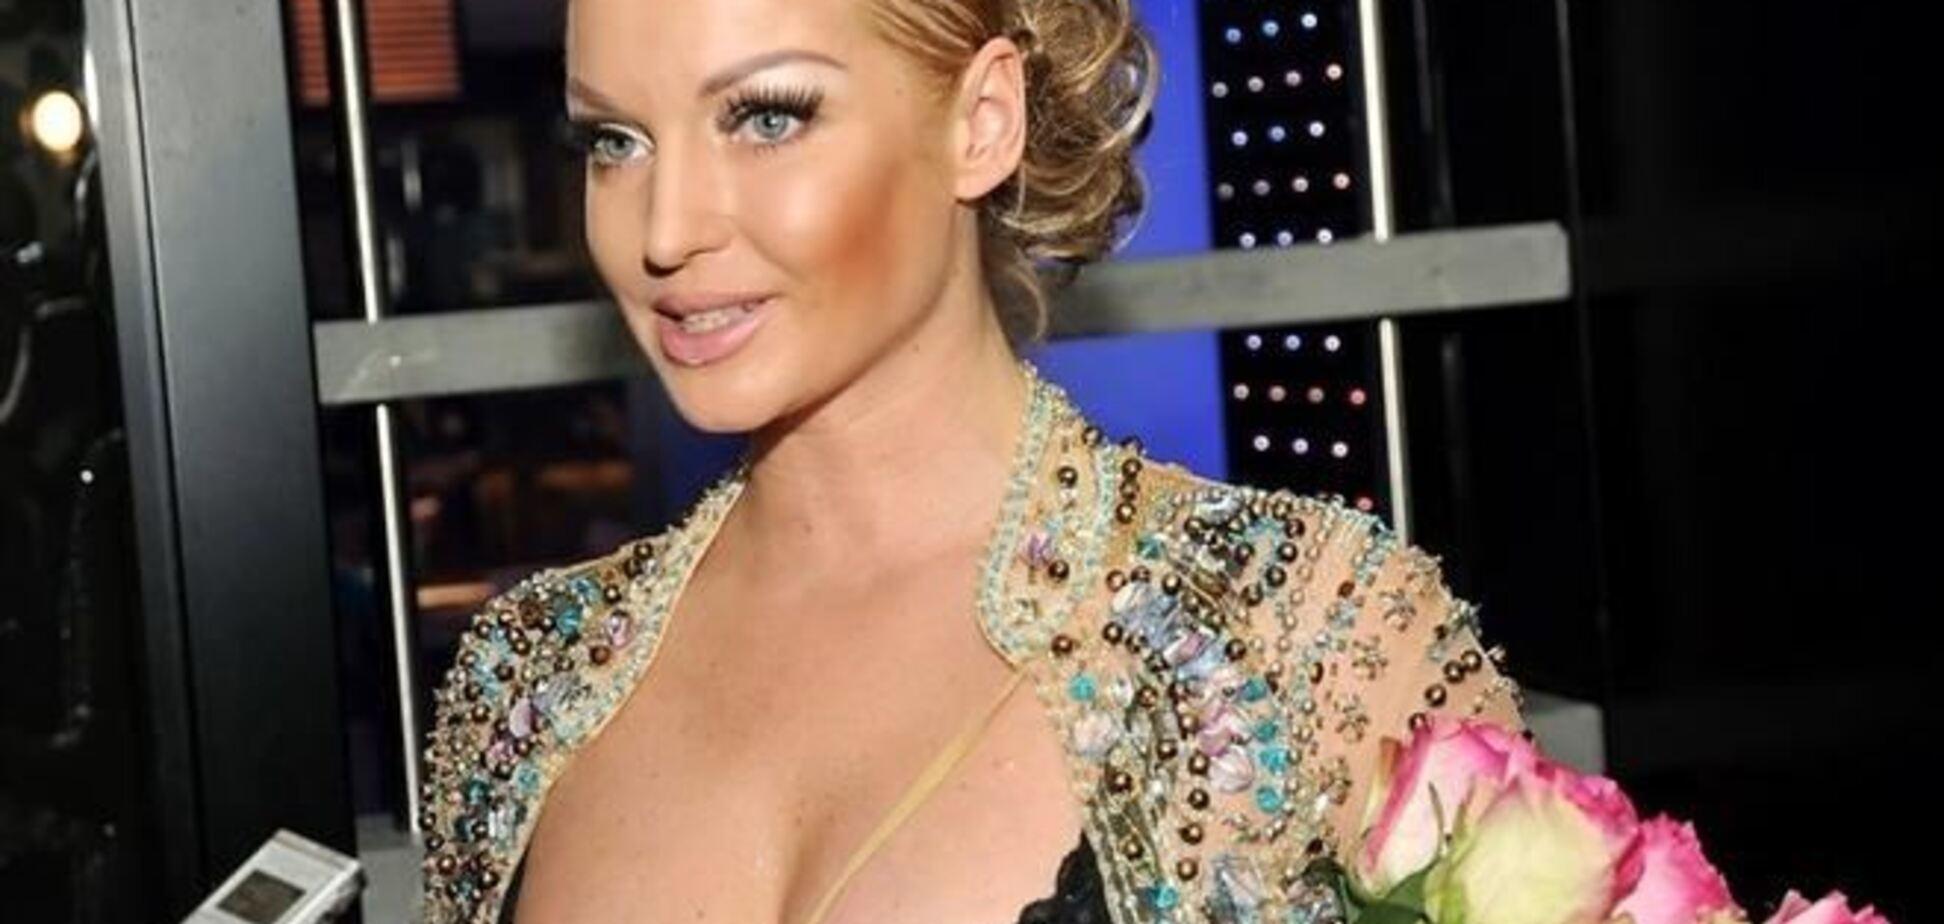 Волочкова бойкотирует российских артистов и называет их 'проститутками'